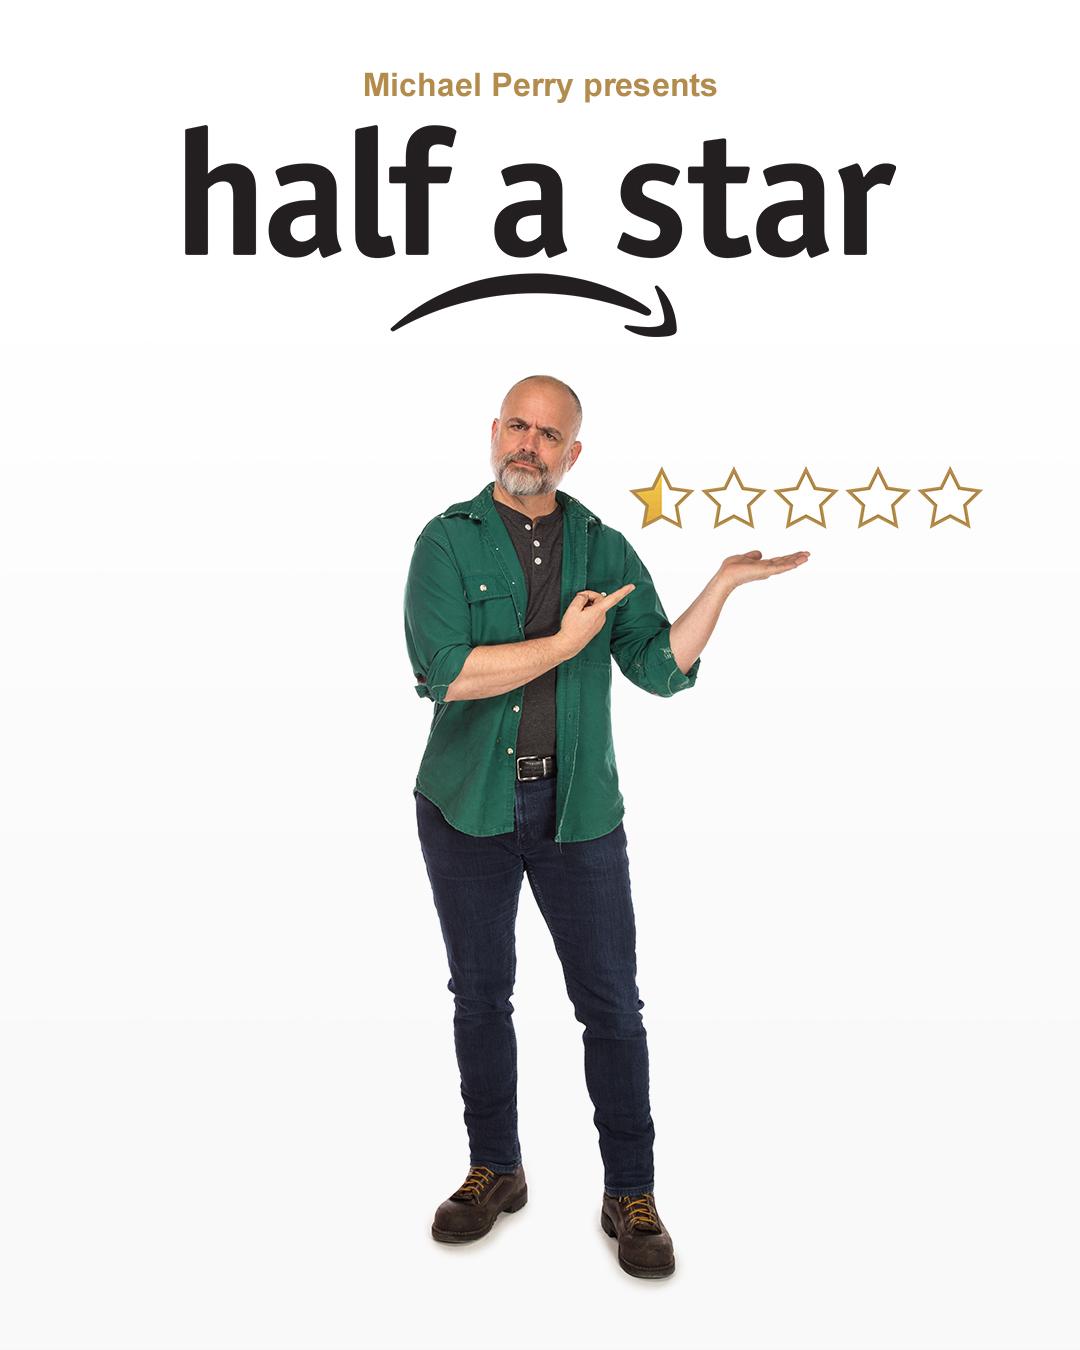 Half_A_Star_insta_post.jpg